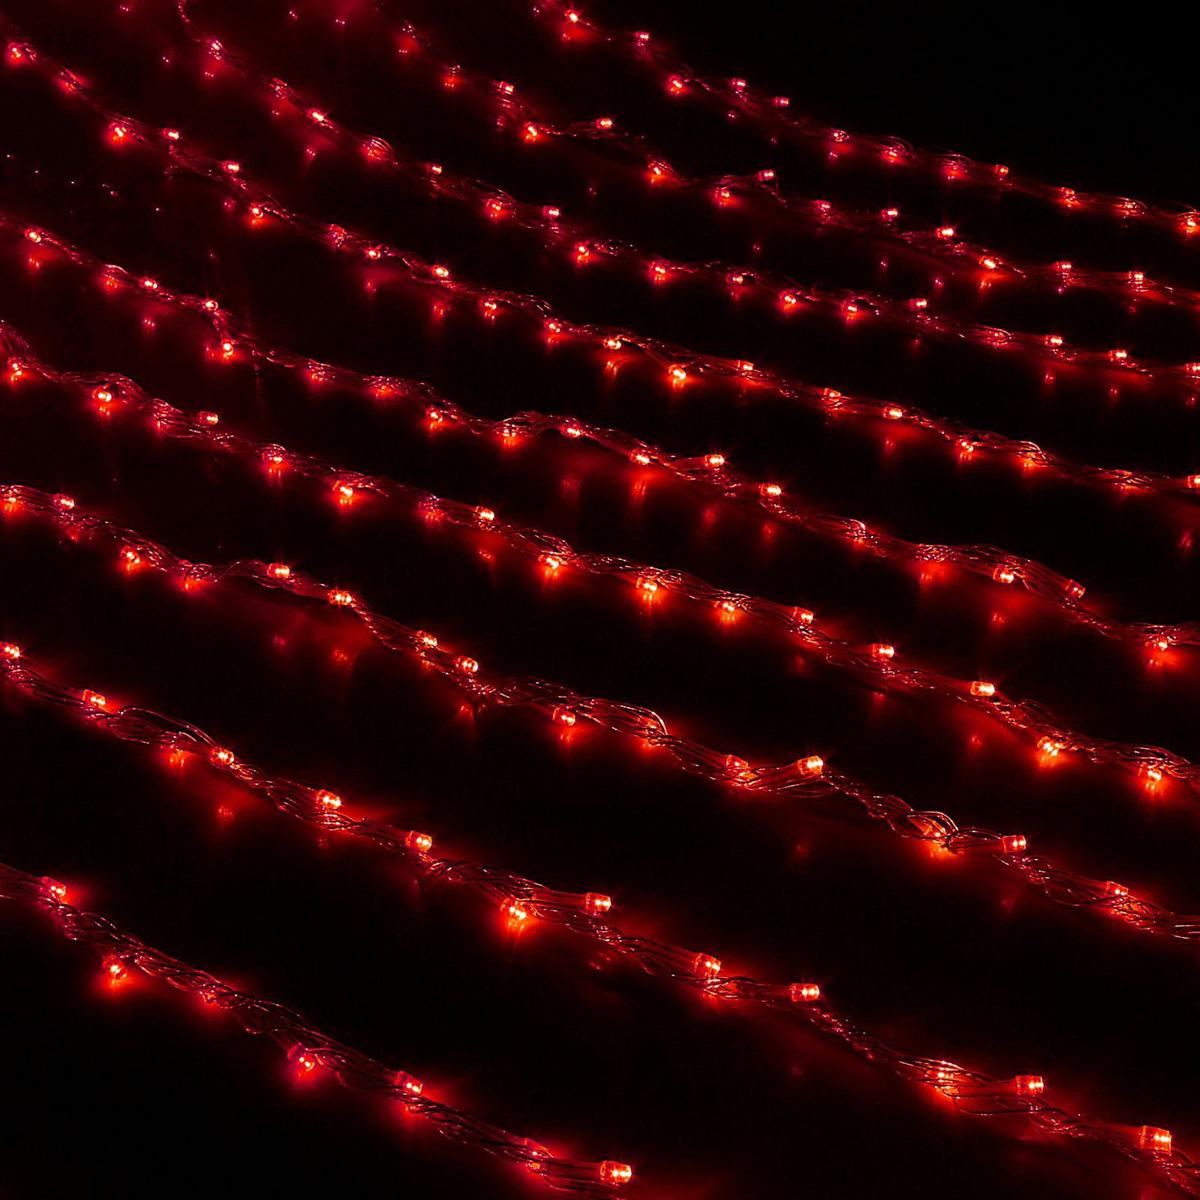 Гирлянда светодиодная Luazon Дождь, уличная, 8 режимов, 800 ламп, 220 V, цвет: красный, 2 х 3 м. 187300187300Светодиодные гирлянды, ленты и т.д — это отличный вариант для новогоднего оформления интерьера или фасада. С их помощью помещение любого размера можно превратить в праздничный зал, а внешние элементы зданий, украшенные ими, мгновенно станут напоминать очертания сказочного дворца. Такие украшения создают ауру предвкушения чуда. Деревья, фасады, витрины, окна и арки будто специально созданы, чтобы вы украсили их светящимися нитями.